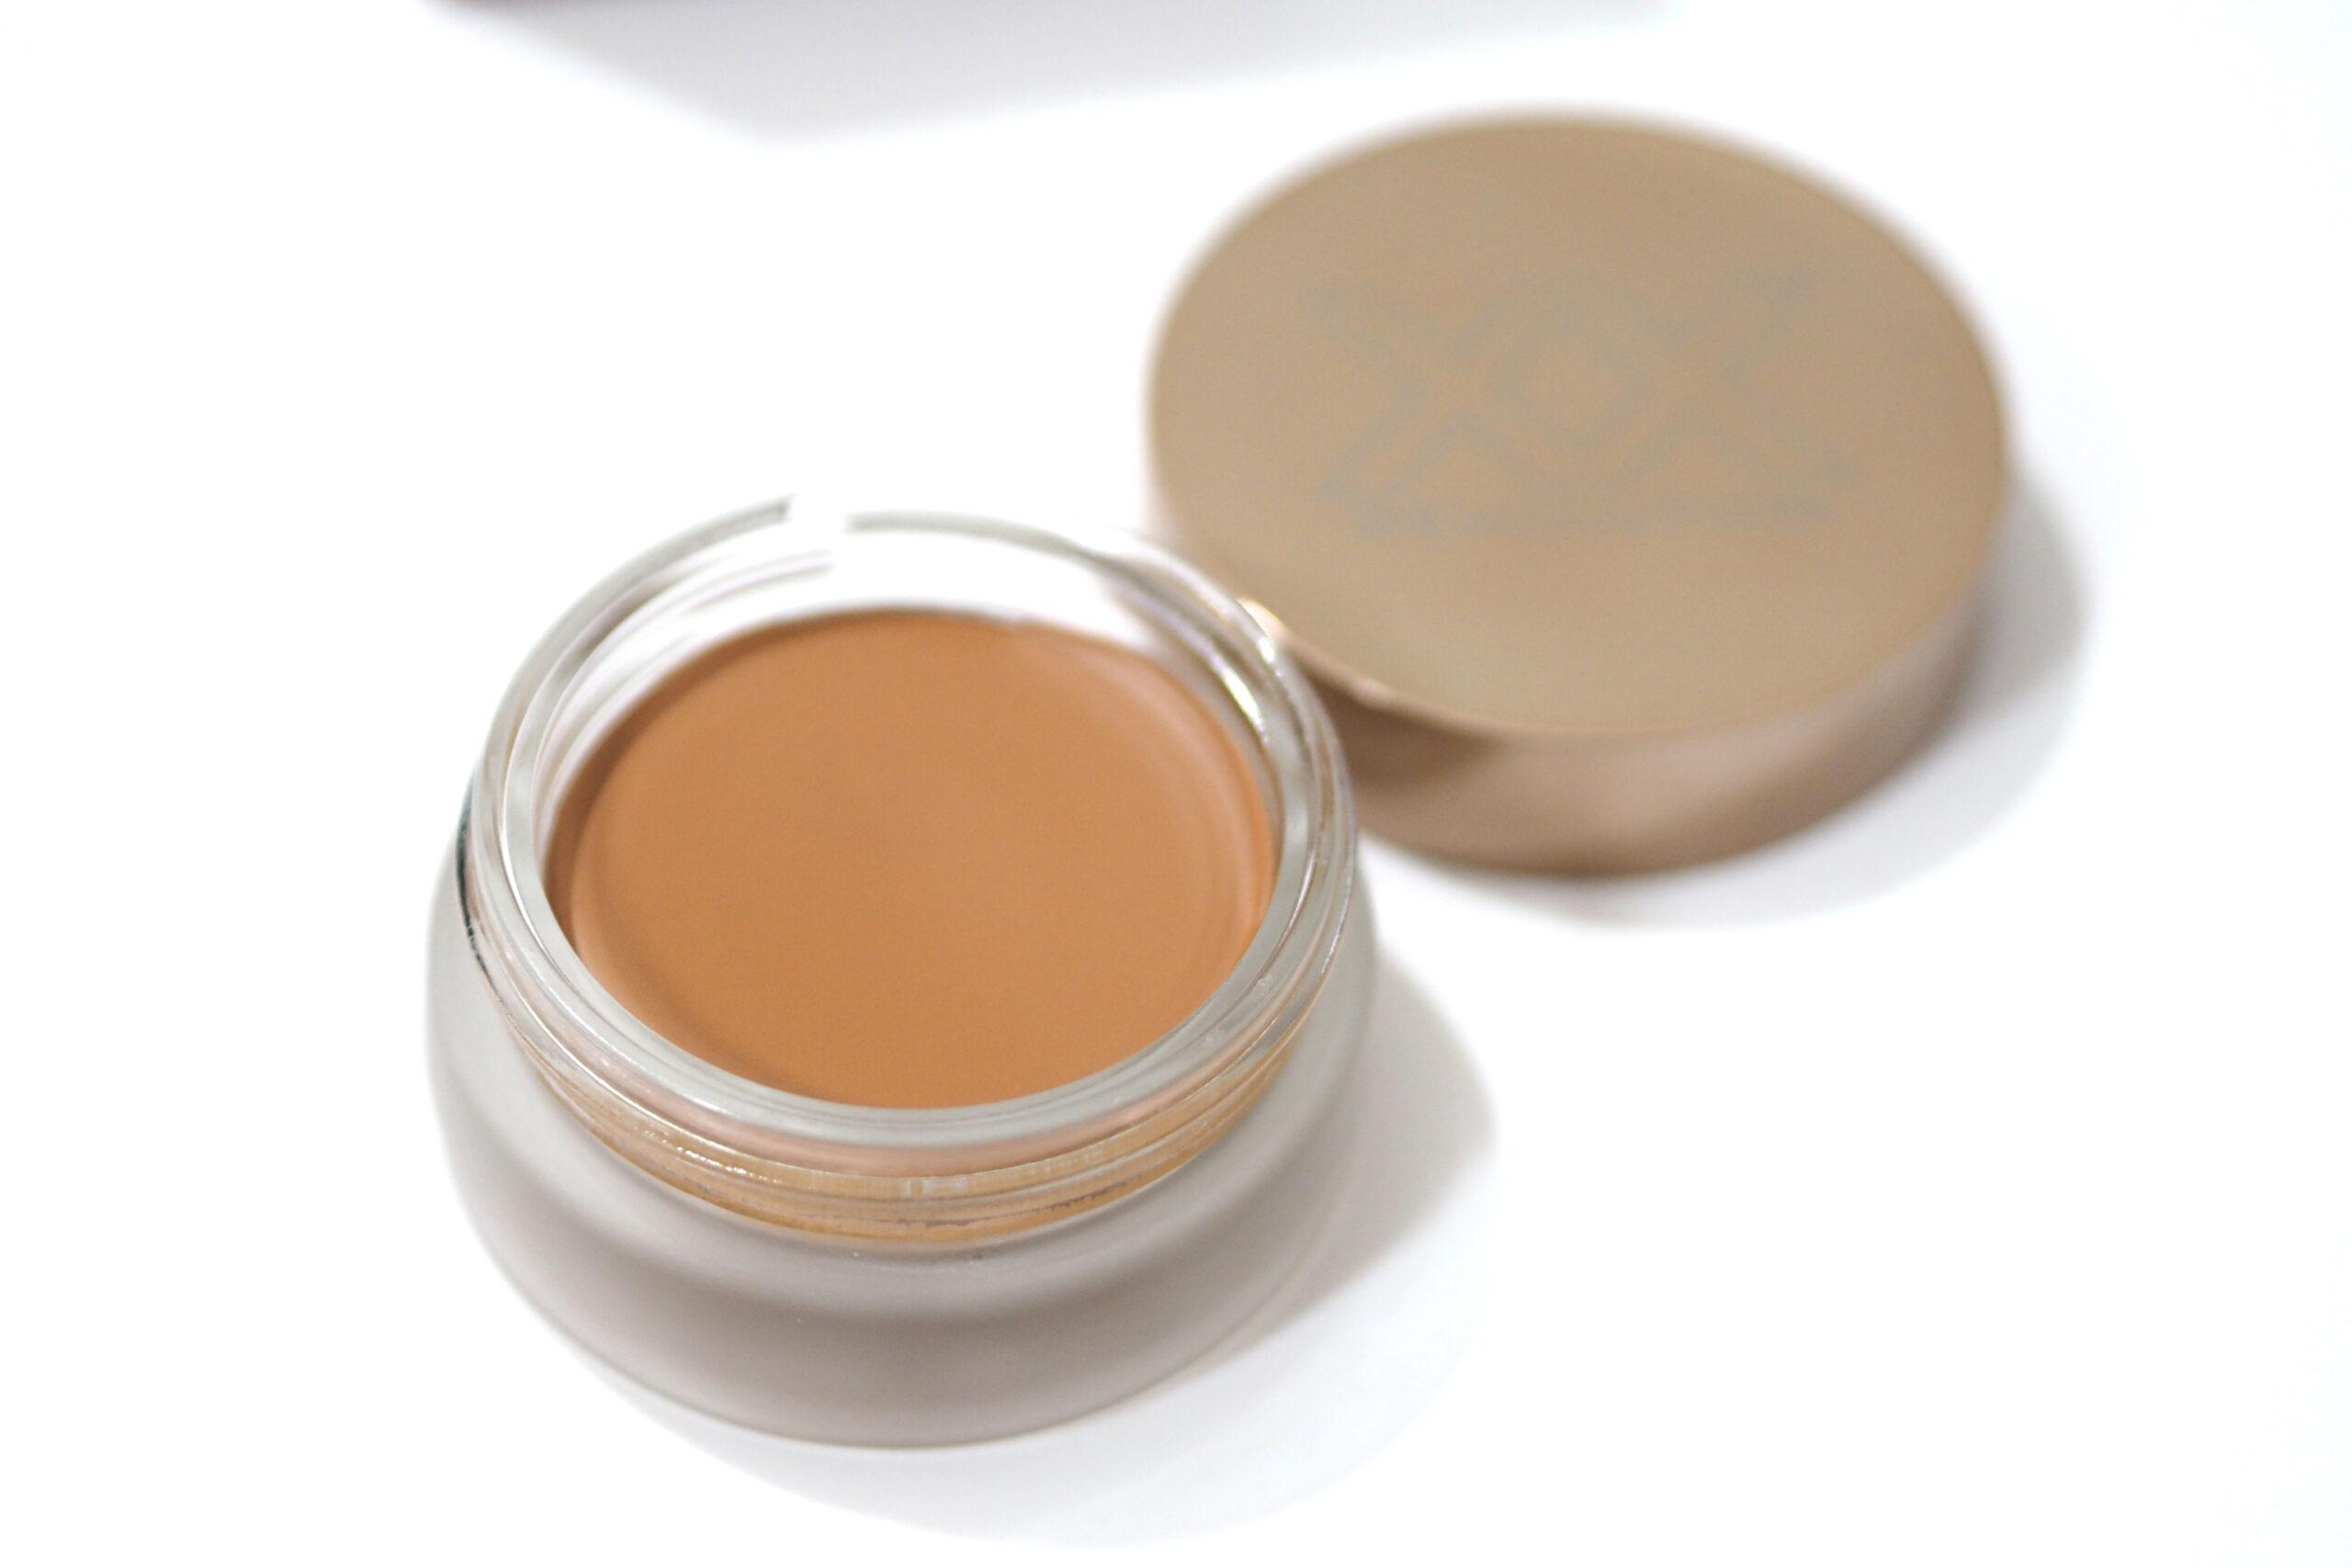 XX Revolution Bronze Skin Cream Bronzer Review Swatches